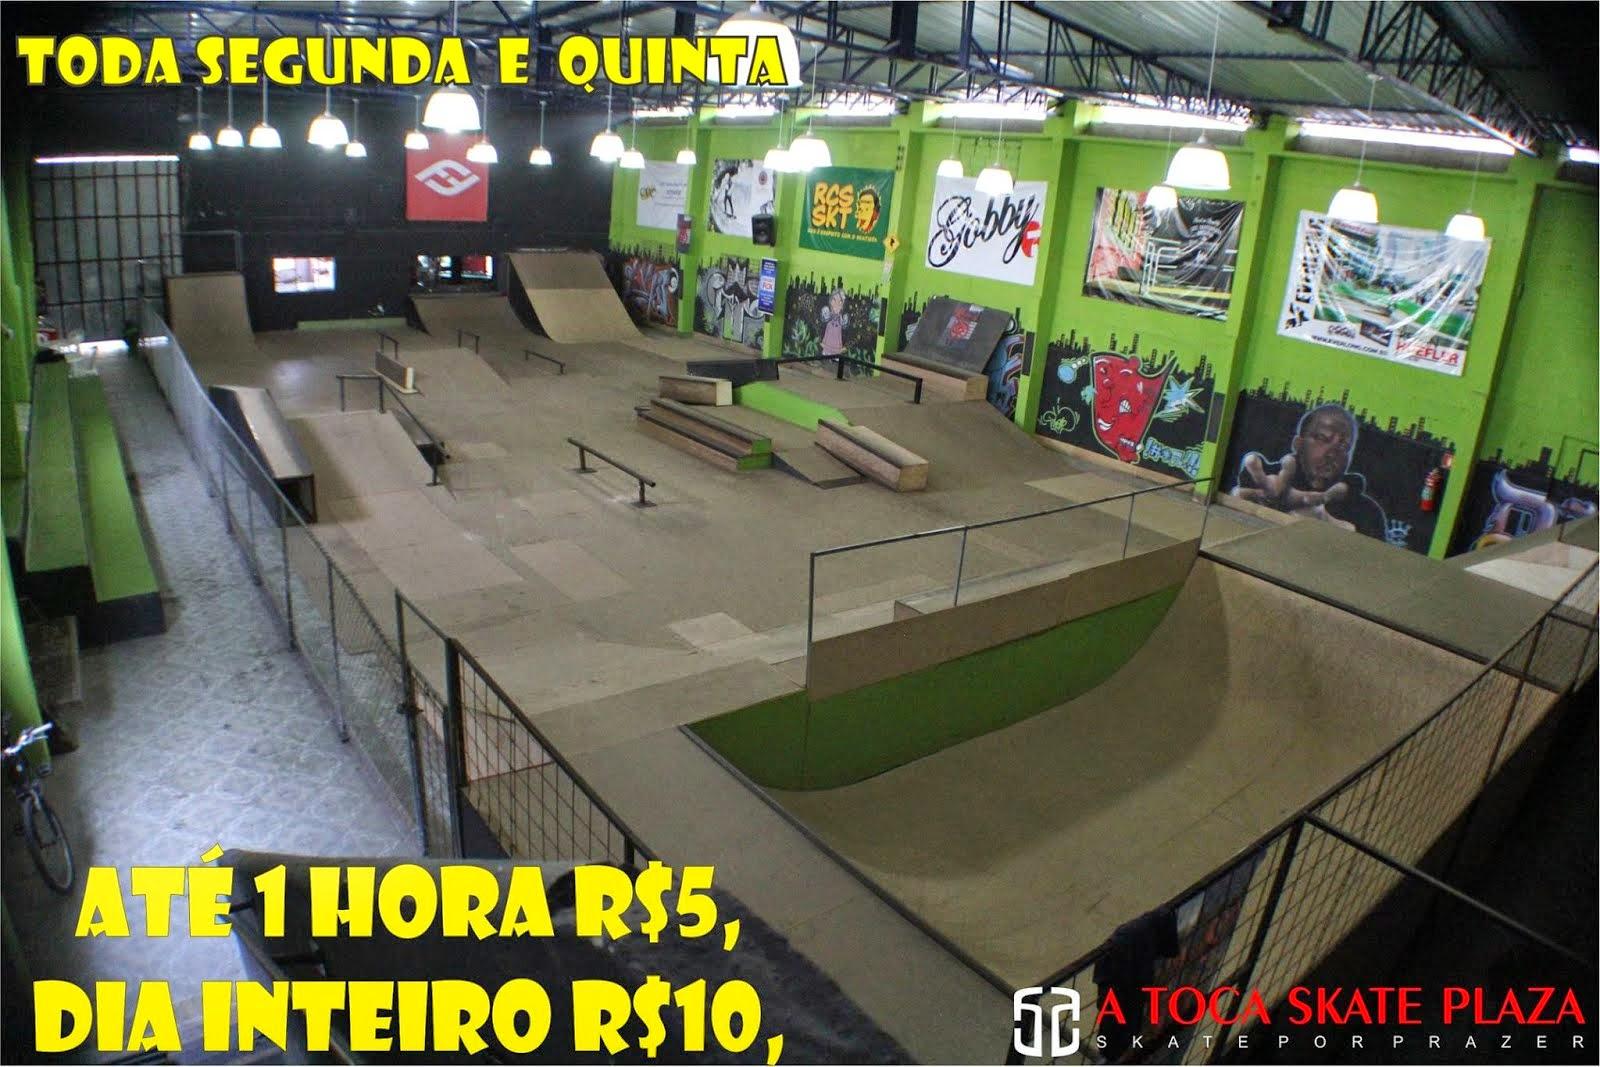 AGORA COM SITE: www.atocaskate.com.br